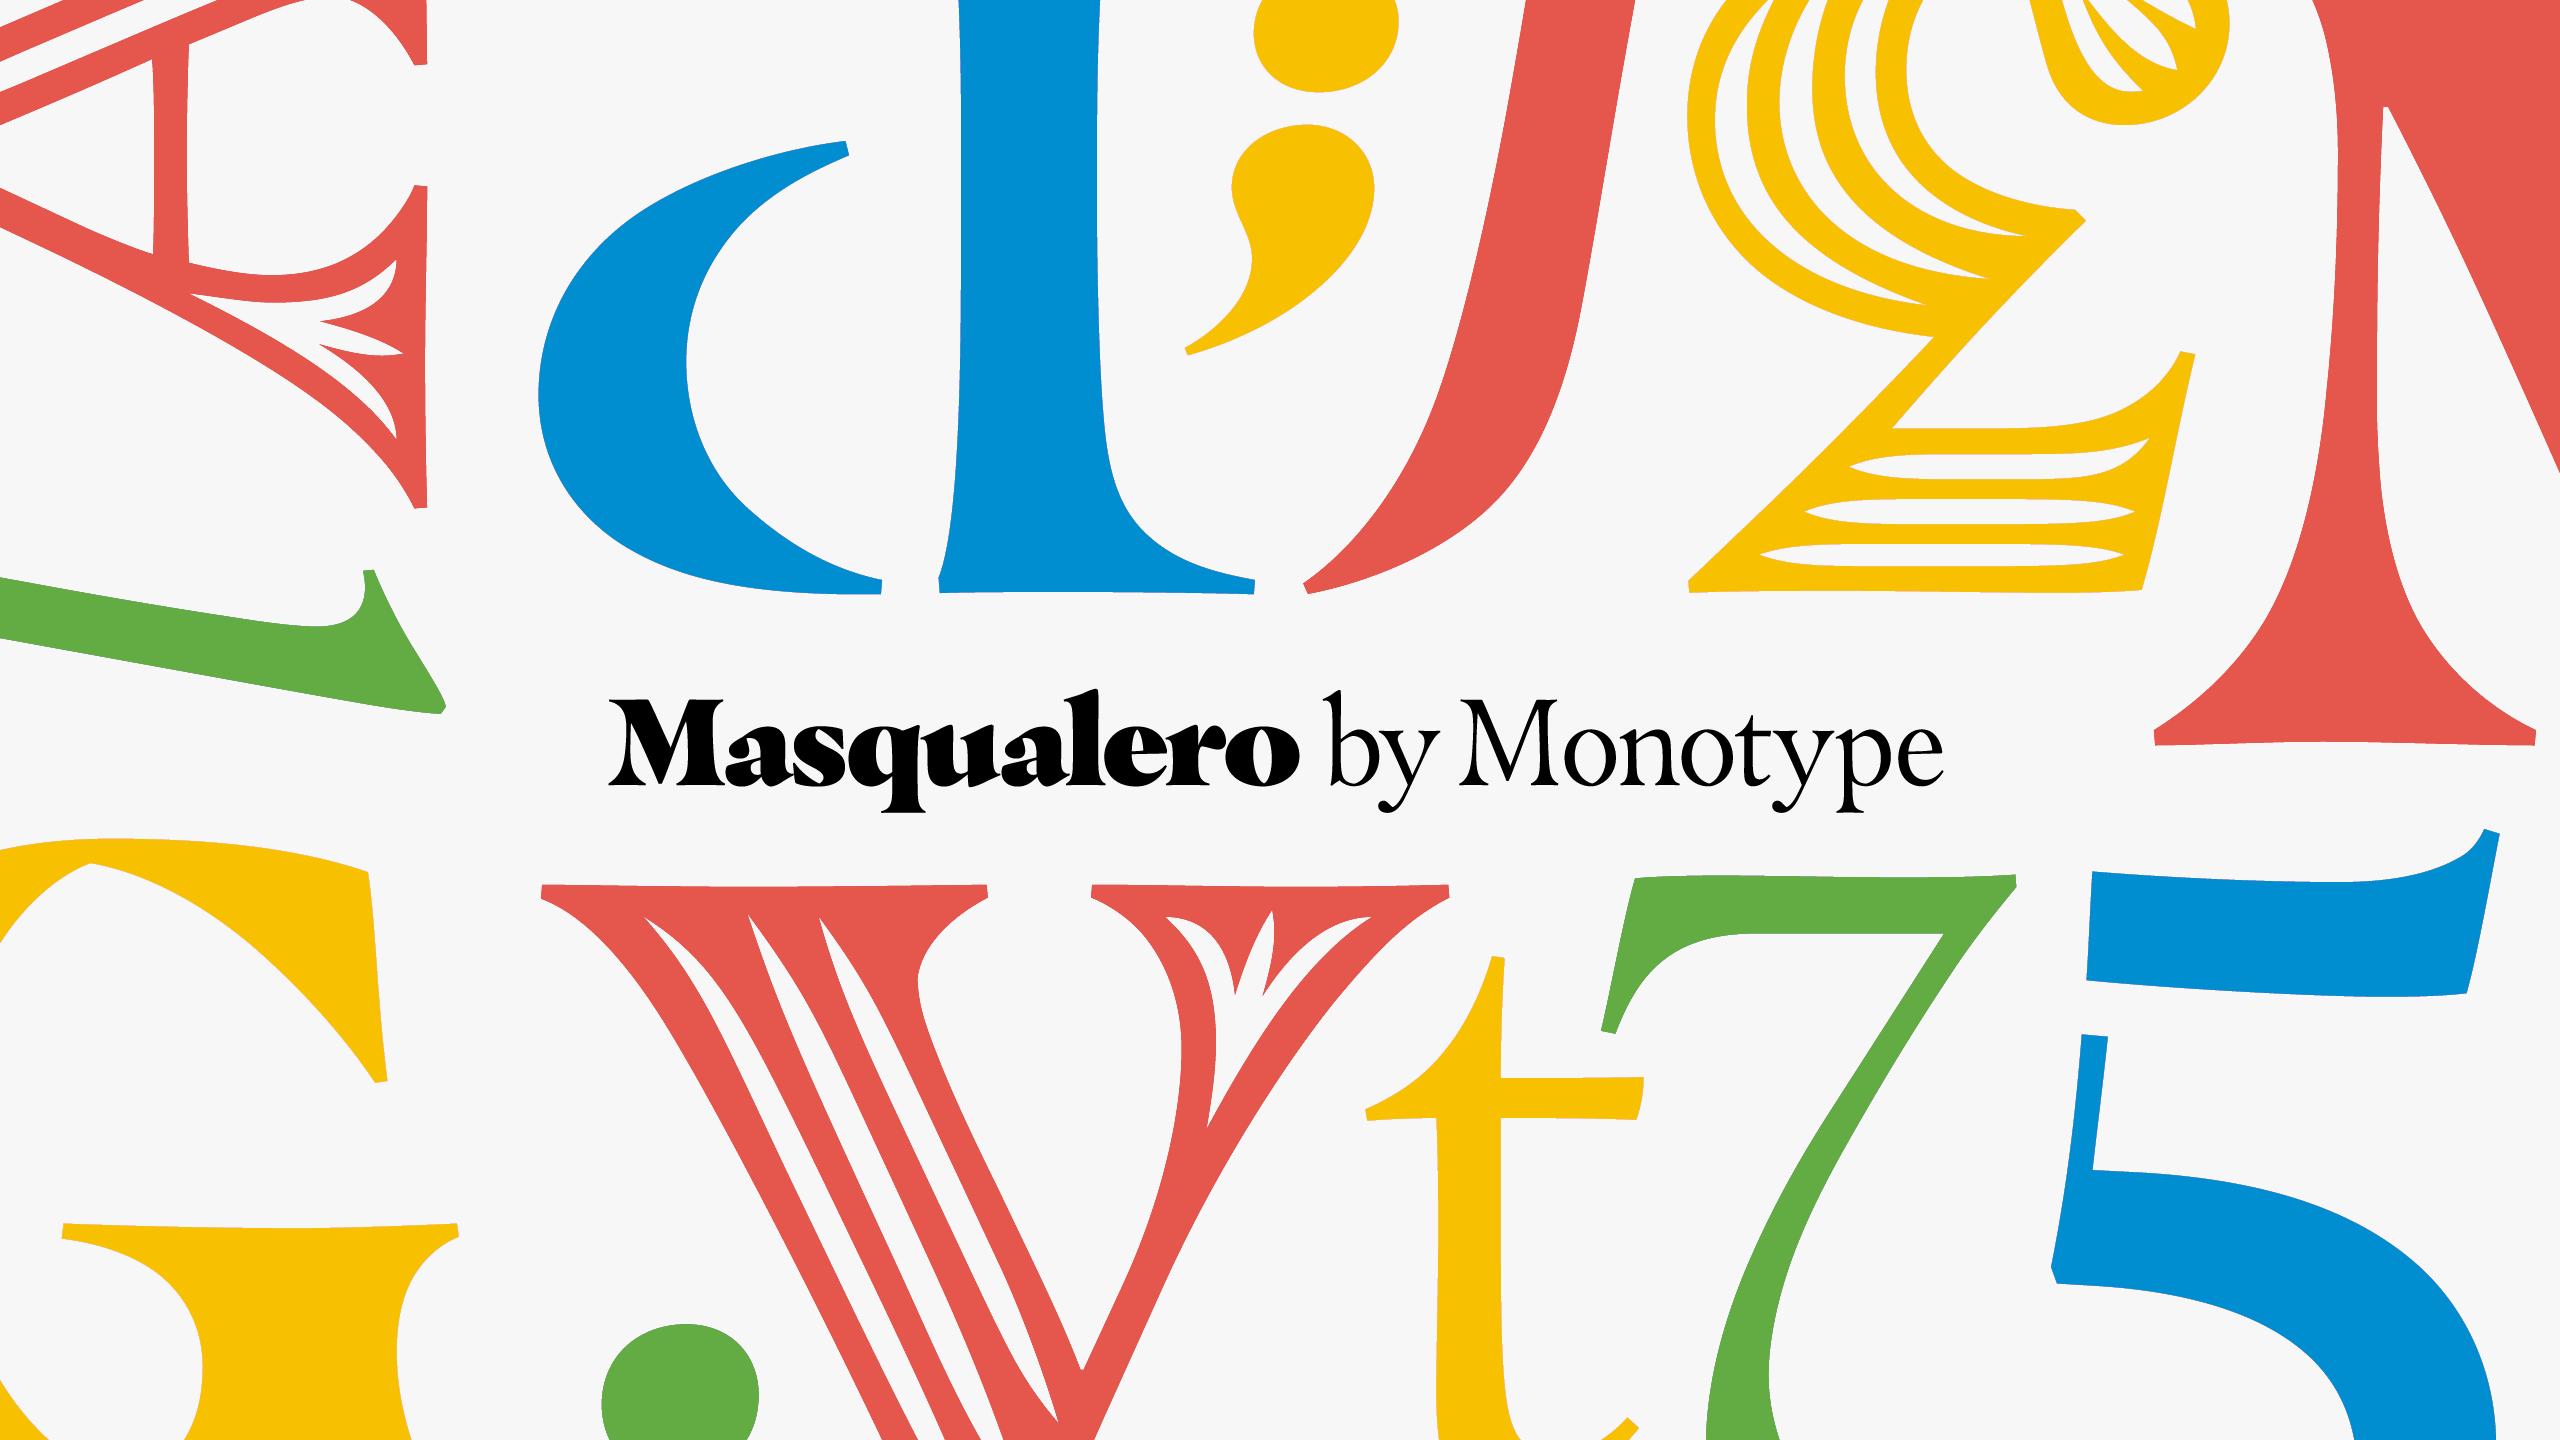 Masqualero by Monotype